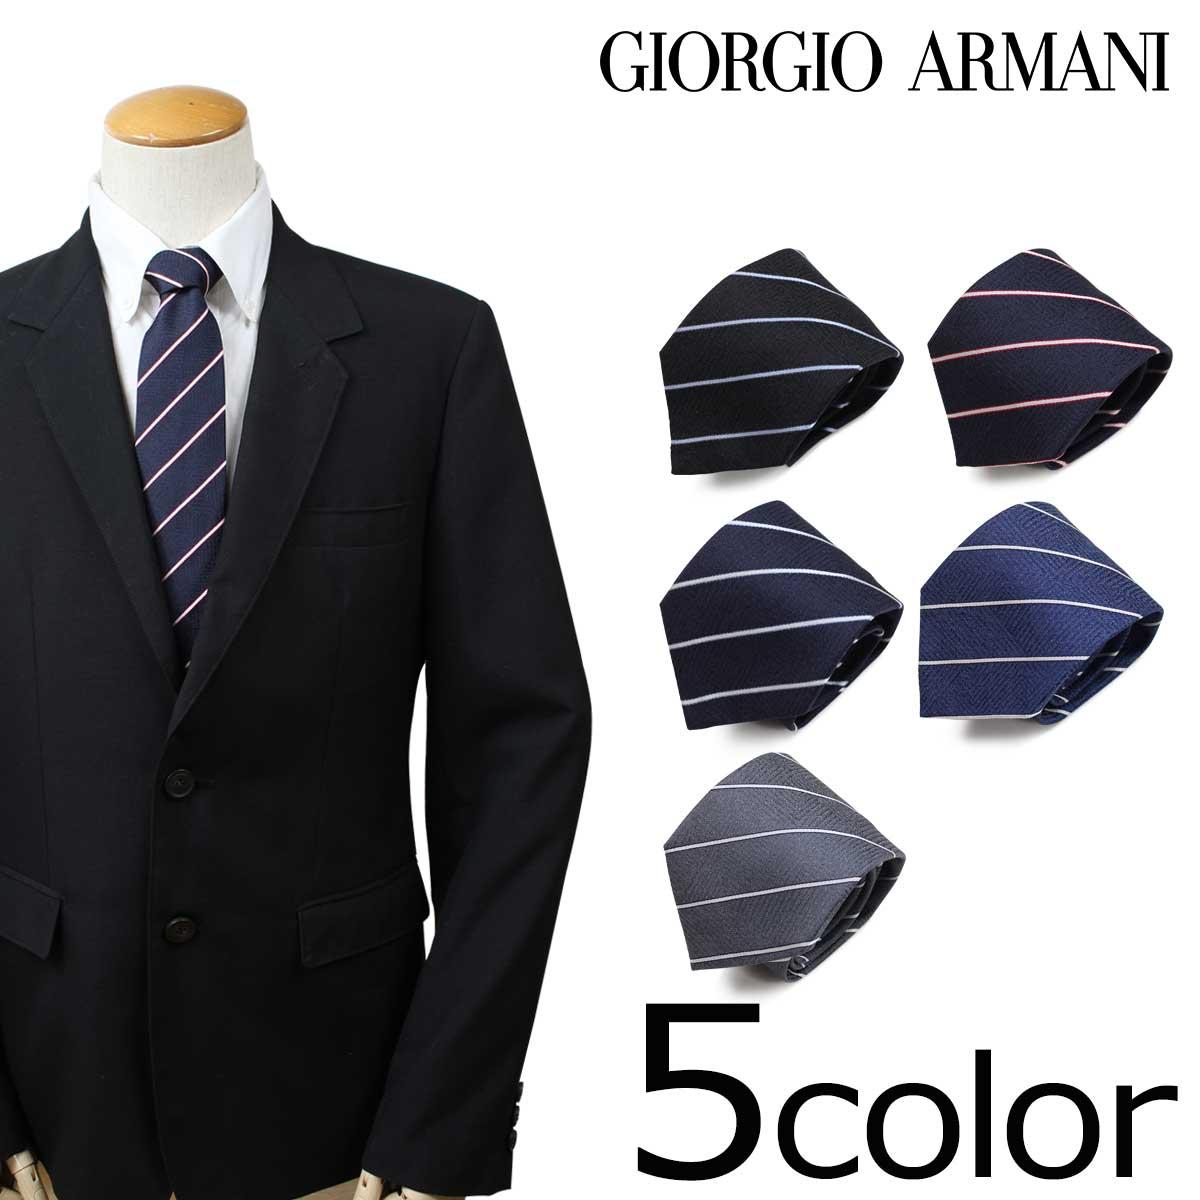 GIORGIO ARMANI ネクタイ ジョルジオ アルマーニ イタリア製 シルク ビジネス 結婚式 メンズ